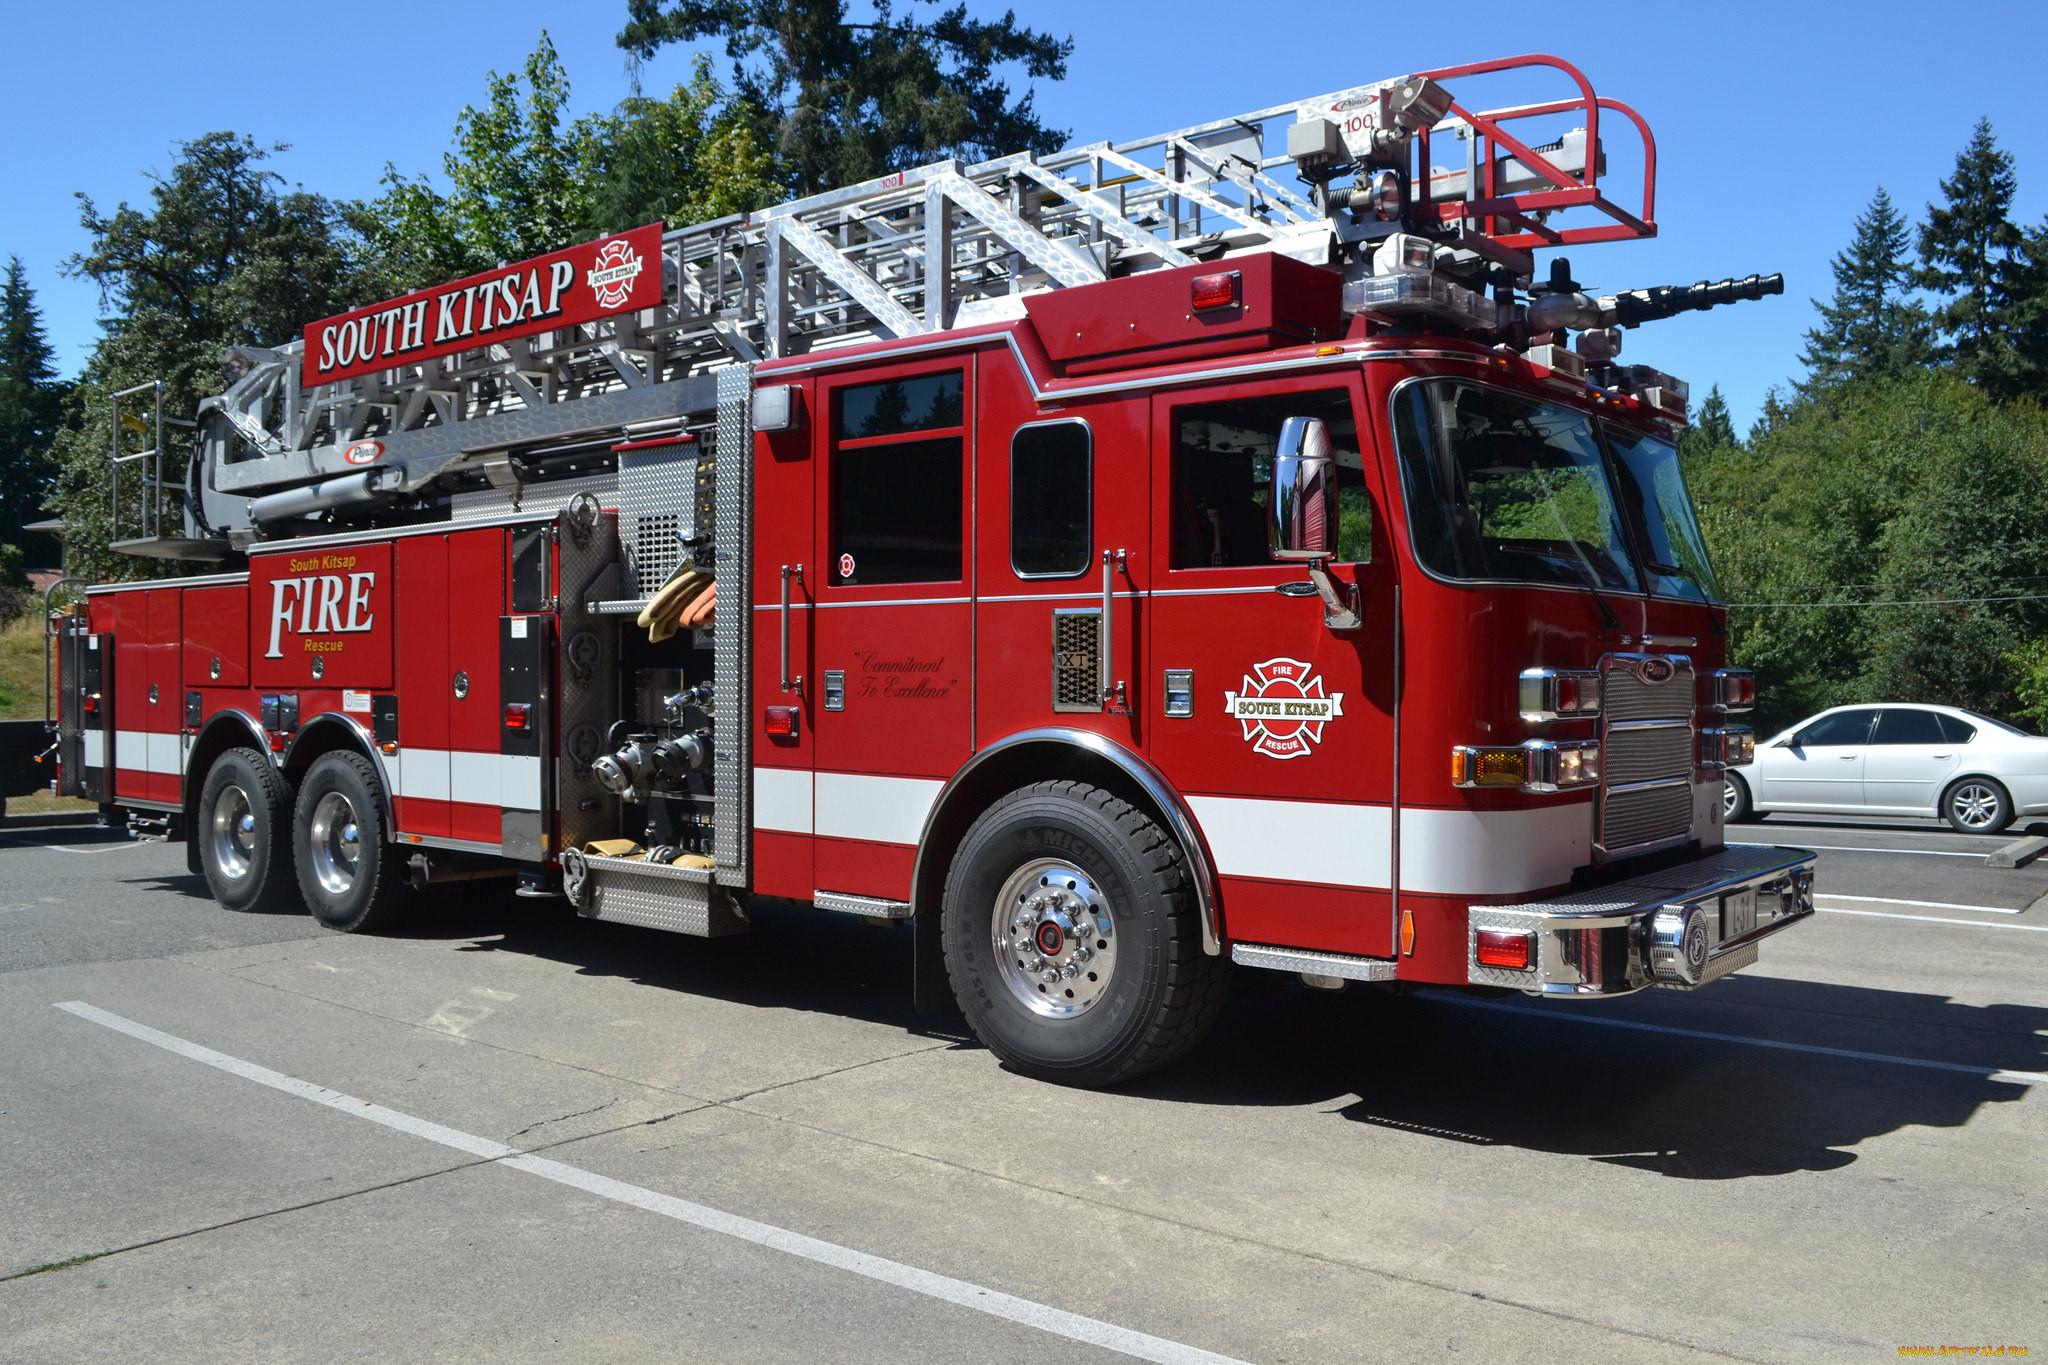 фото пожарной техники высокого разрешения модели, имеющие